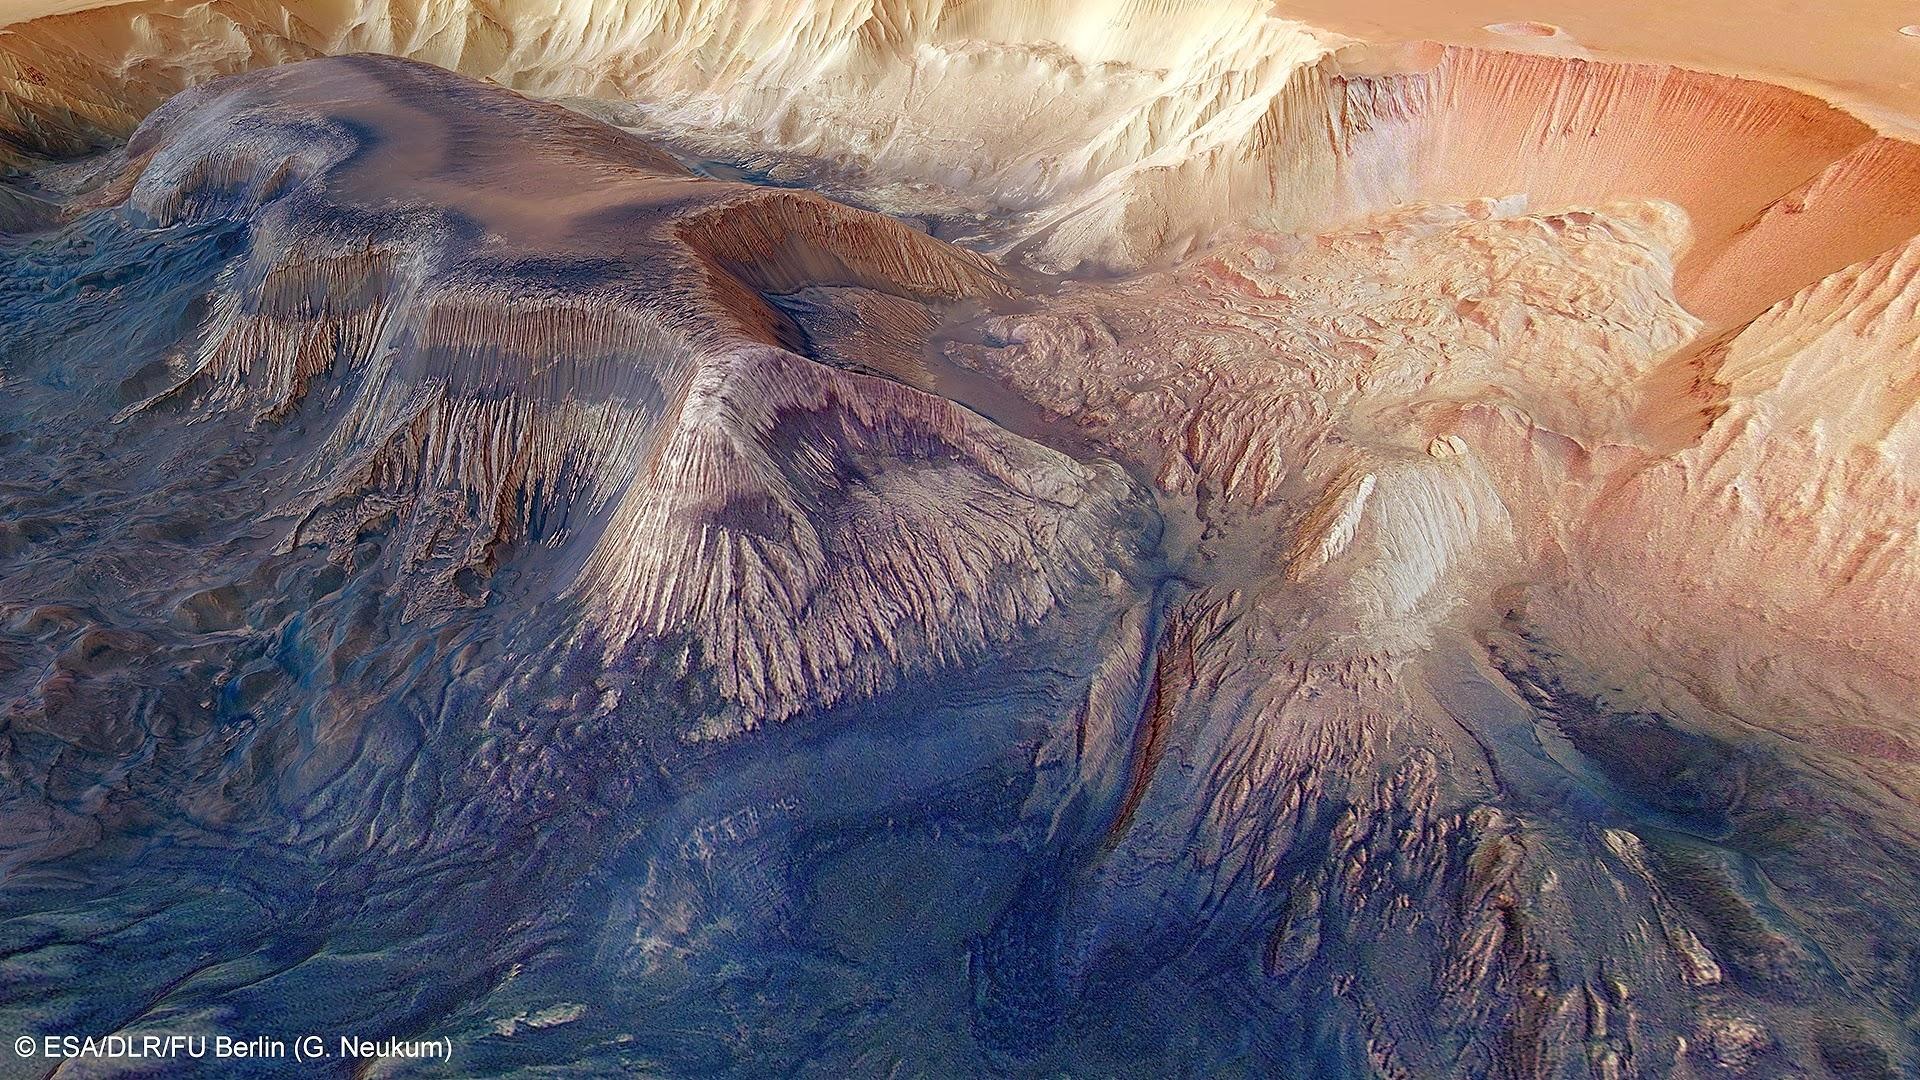 https://lh4.googleusercontent.com/-VSIt0OG7uHM/Ulmtz6Ojt9I/AAAAAAAAAXw/Z6dnVStIas8/s0/Hebes_Chasma_landslides.jpg